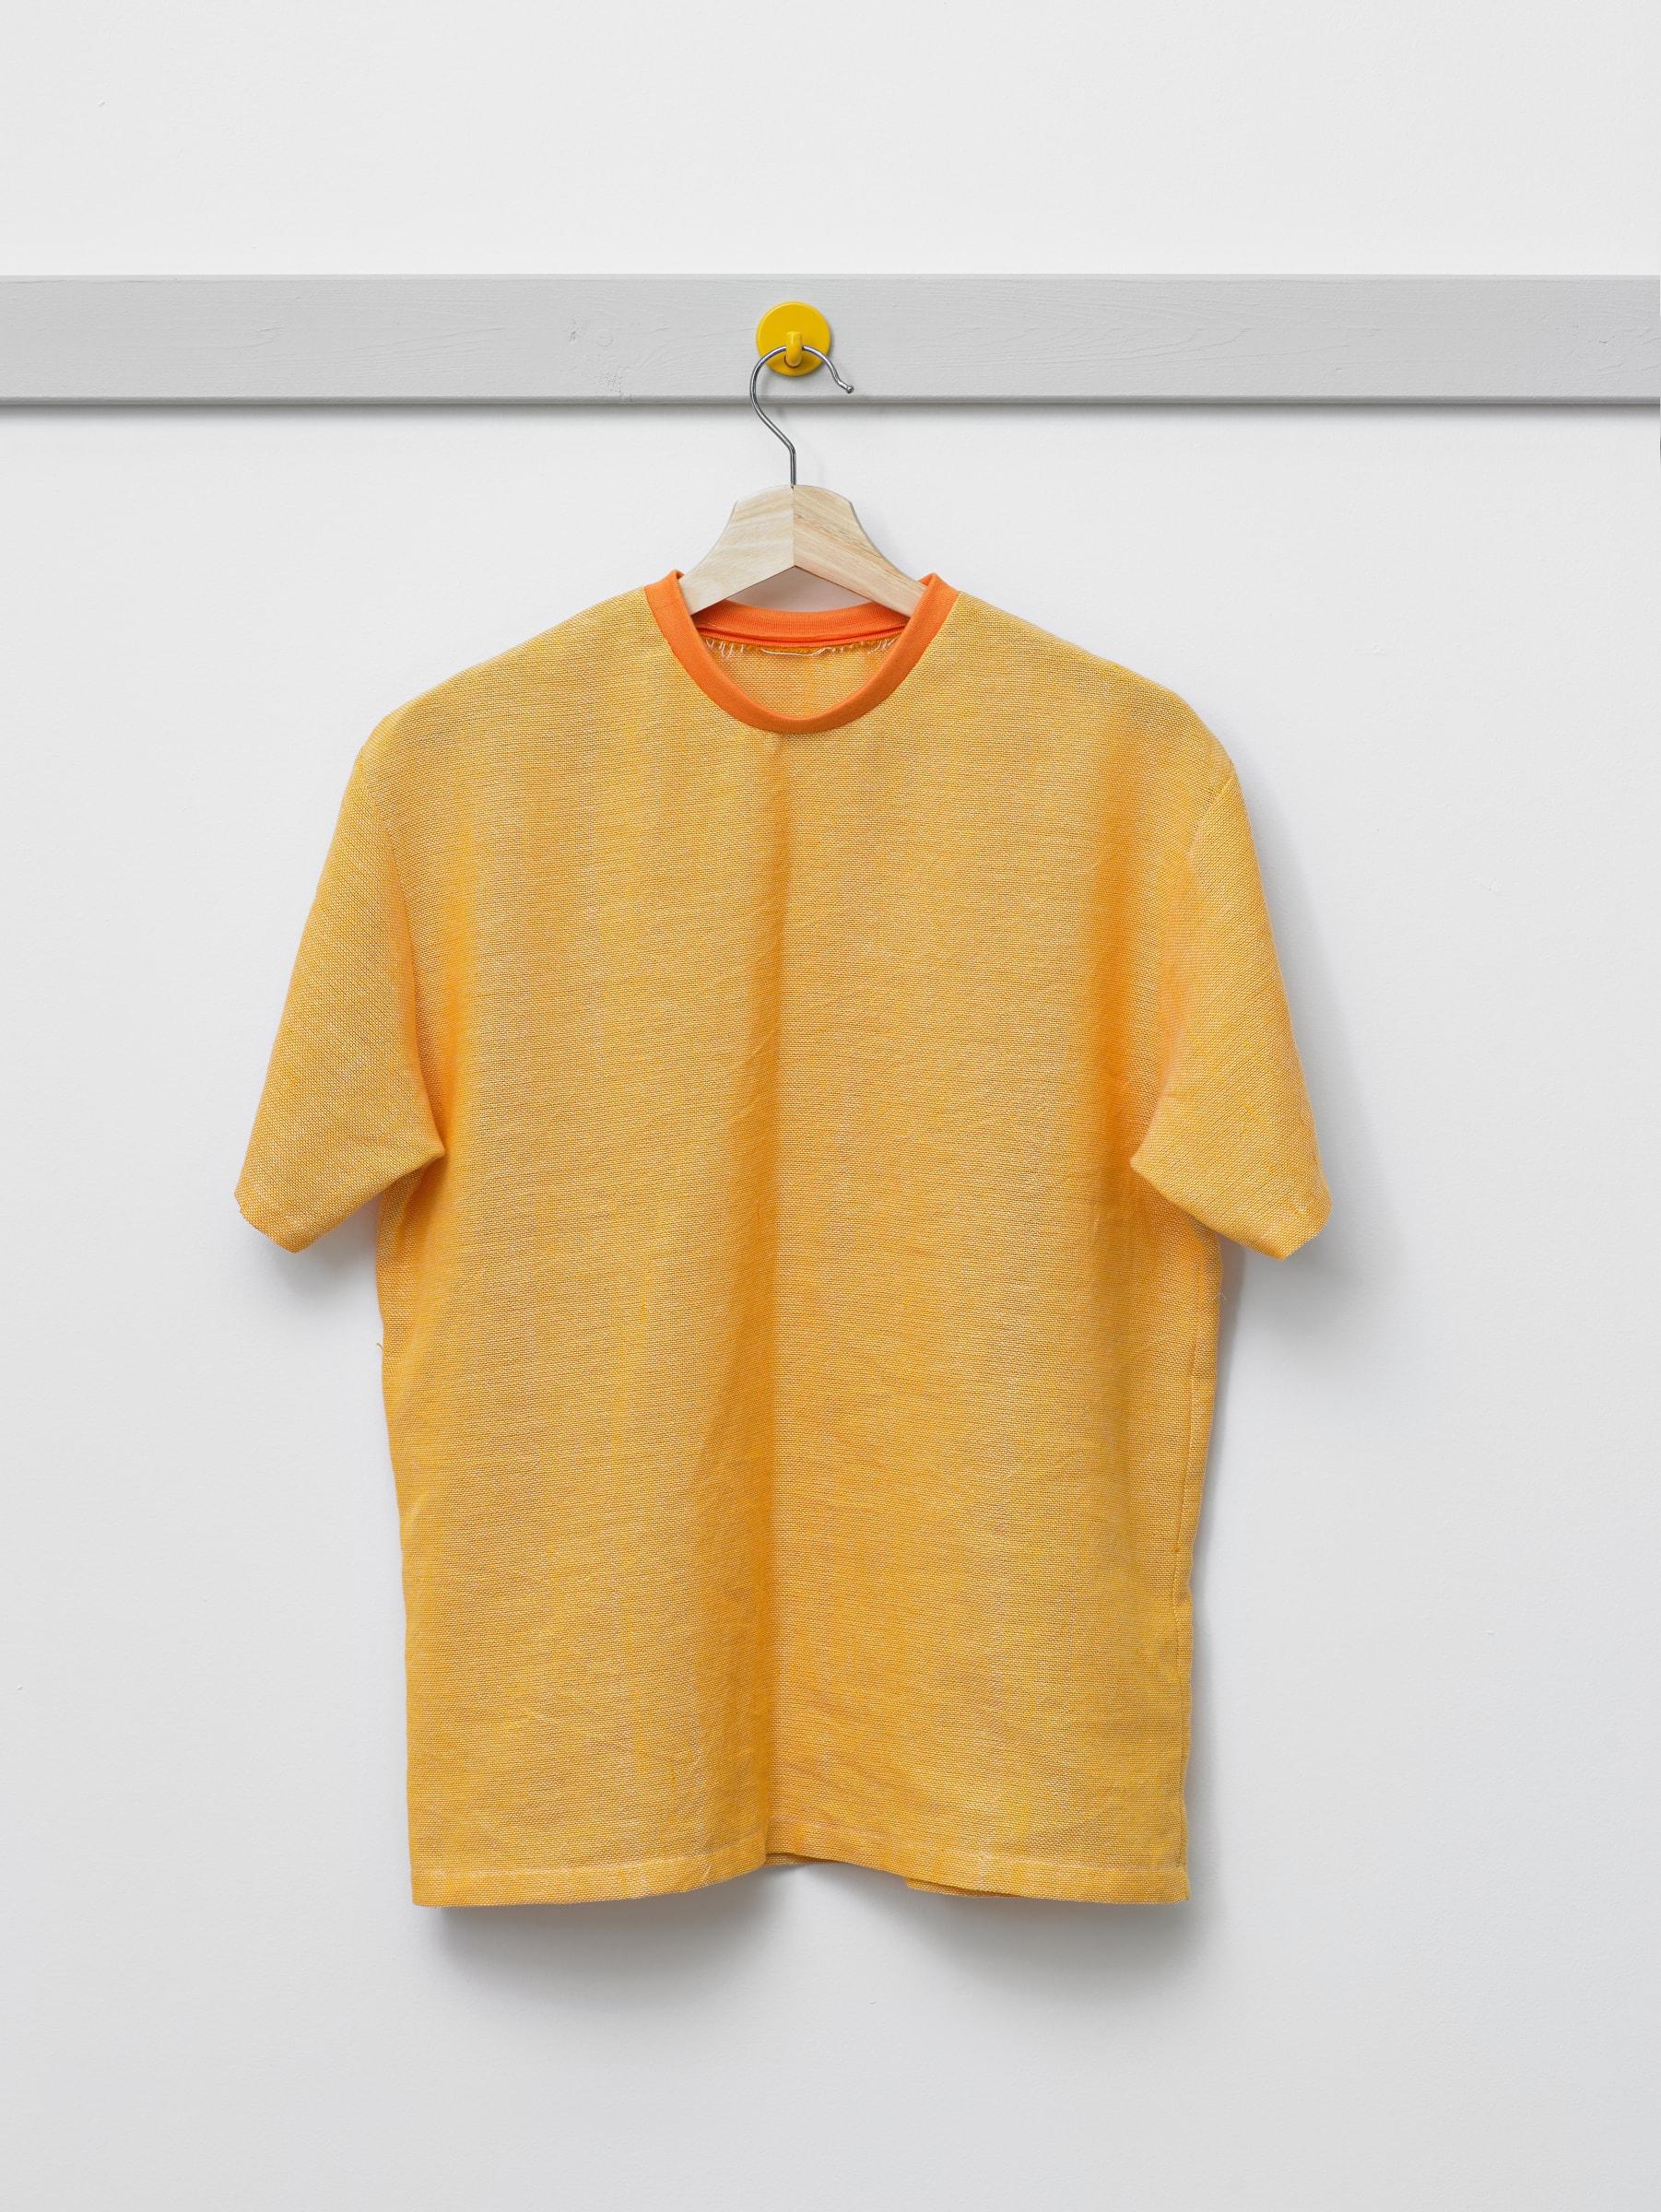 """<span class=""""link fancybox-details-link""""><a href=""""/artists/137-arna-ottarsdottir/works/16040/"""">View Detail Page</a></span><div class=""""artist""""><strong>ARNA ÓTTARSDÓTTIR</strong></div> <div class=""""title""""><em>Yellow T-shirt</em>, 2019</div> <div class=""""medium"""">cotton, polyester</div> <div class=""""dimensions"""">medium</div><div class=""""copyright_line"""">Copyright The Artist</div>"""